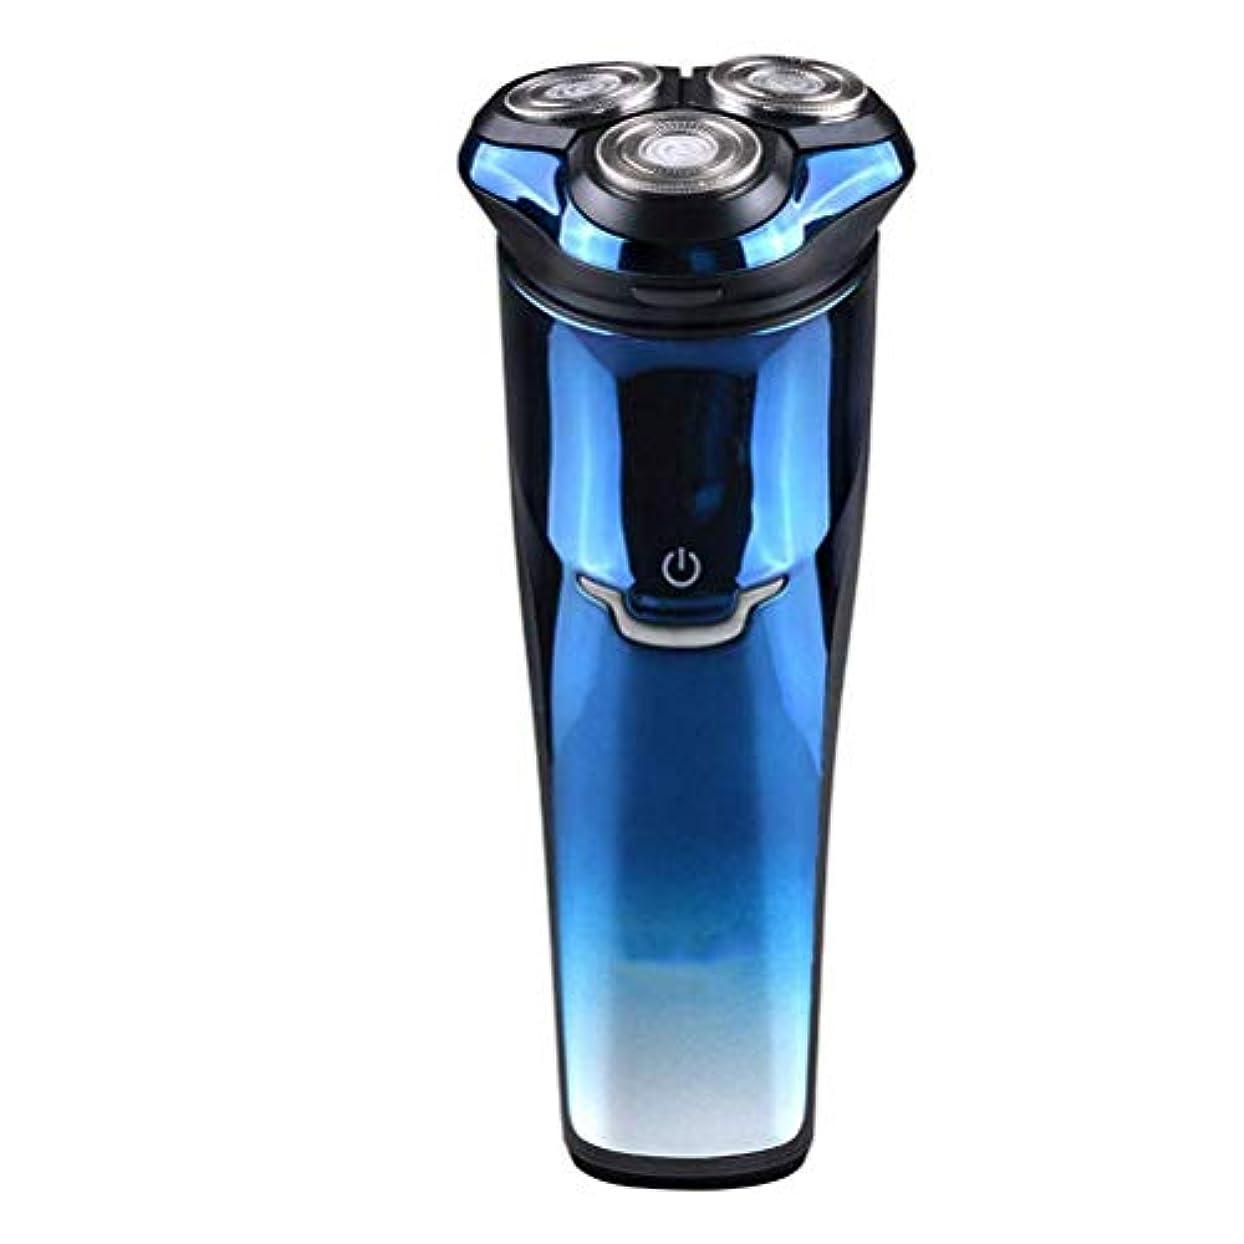 地味な否定する抜本的なポップアップトリマー、男性用充電式かみそり、防水コードレストリマー、インテリジェント両面フローティングを備えたウェット&ドライメンズ電気シェーバー